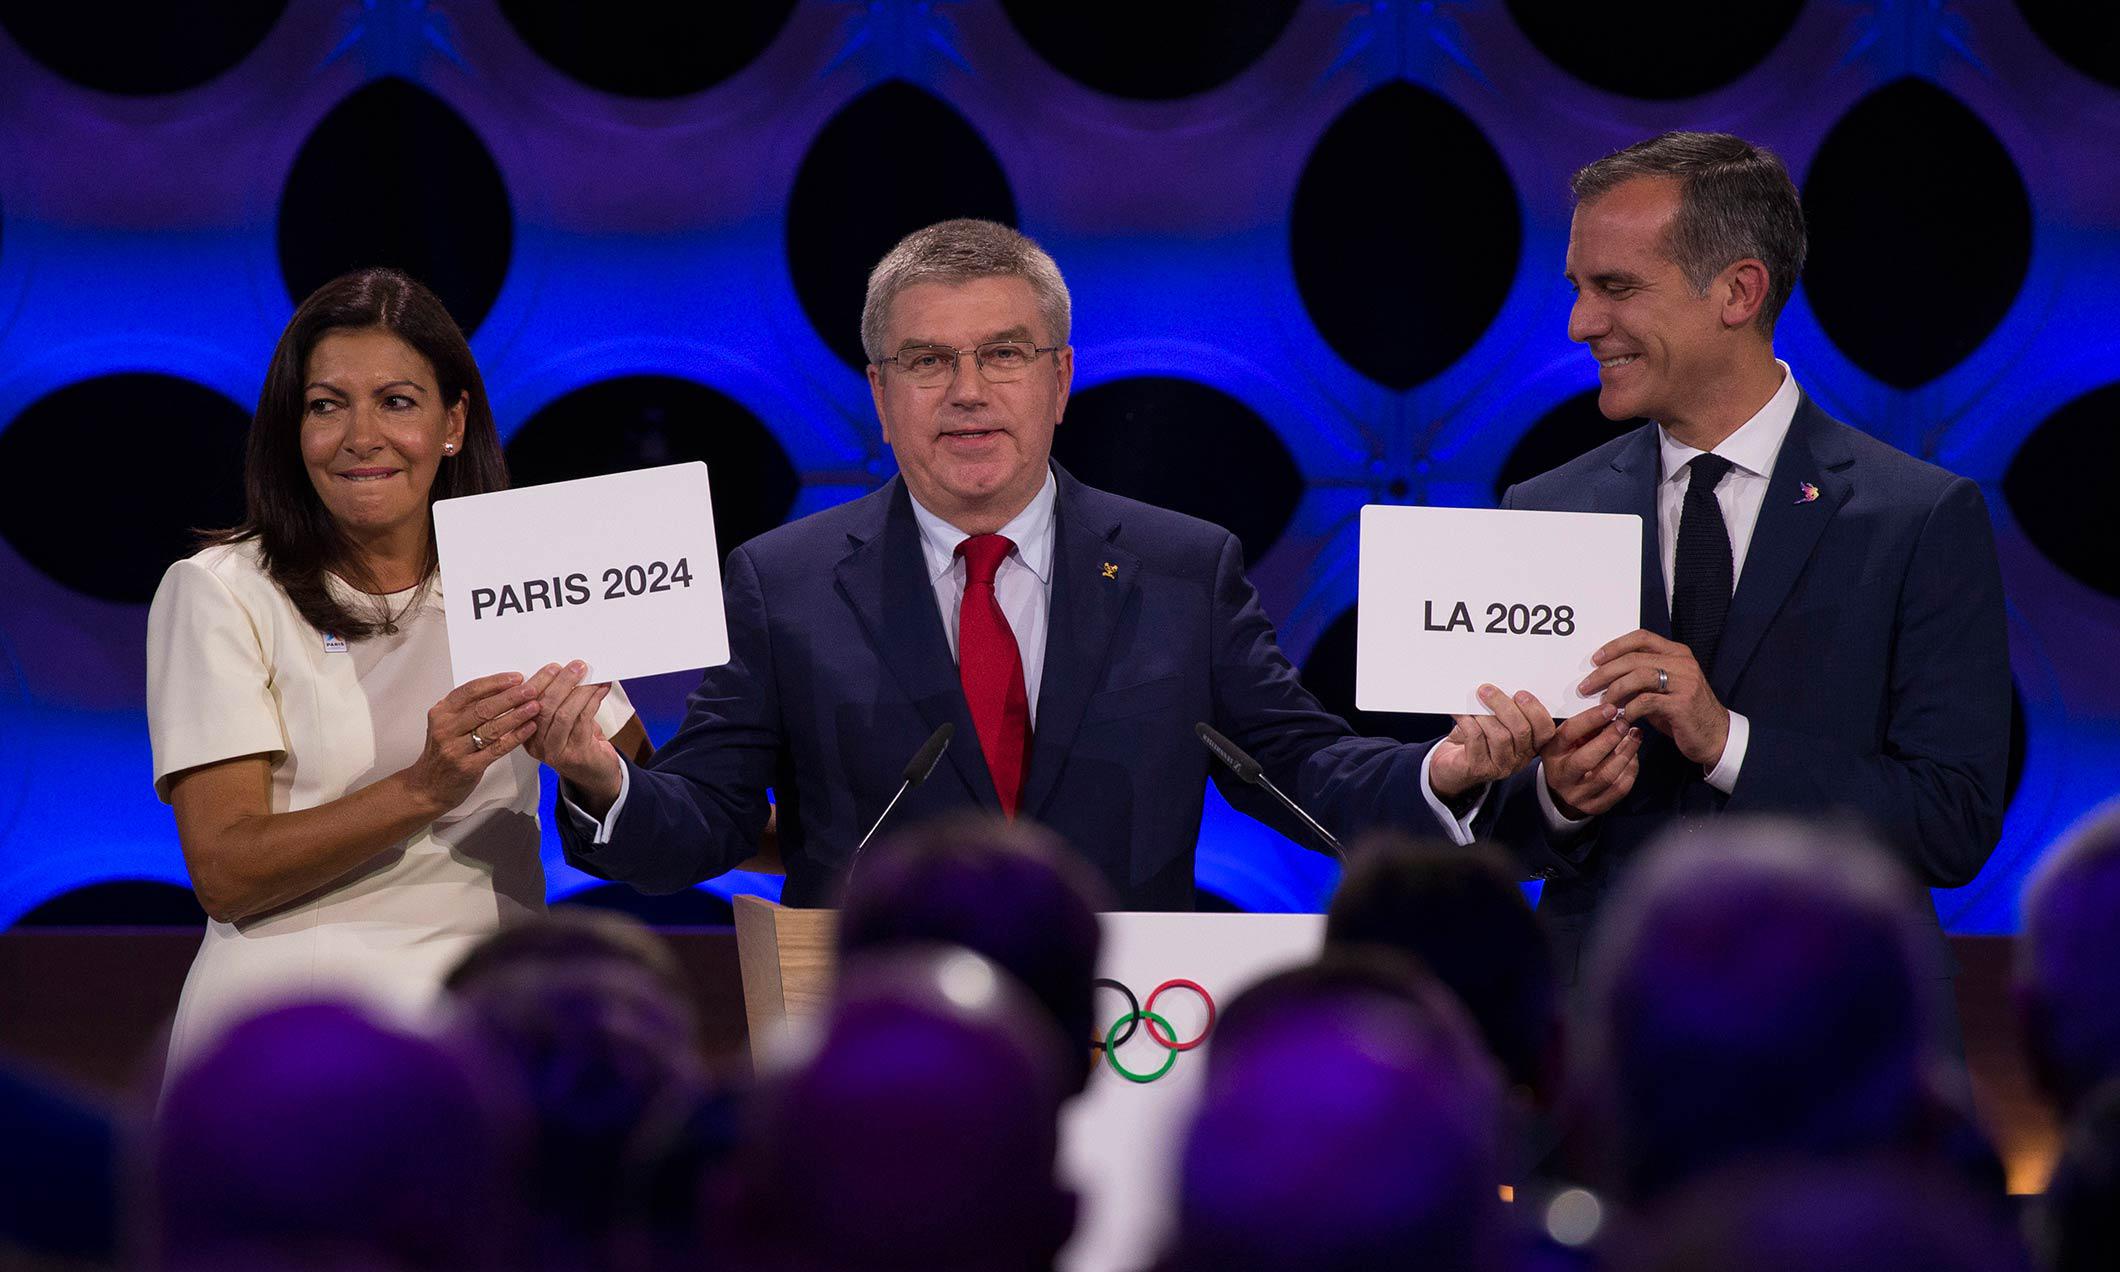 2024 年和 2028 年奥运会将分别在巴黎和洛杉矶举办